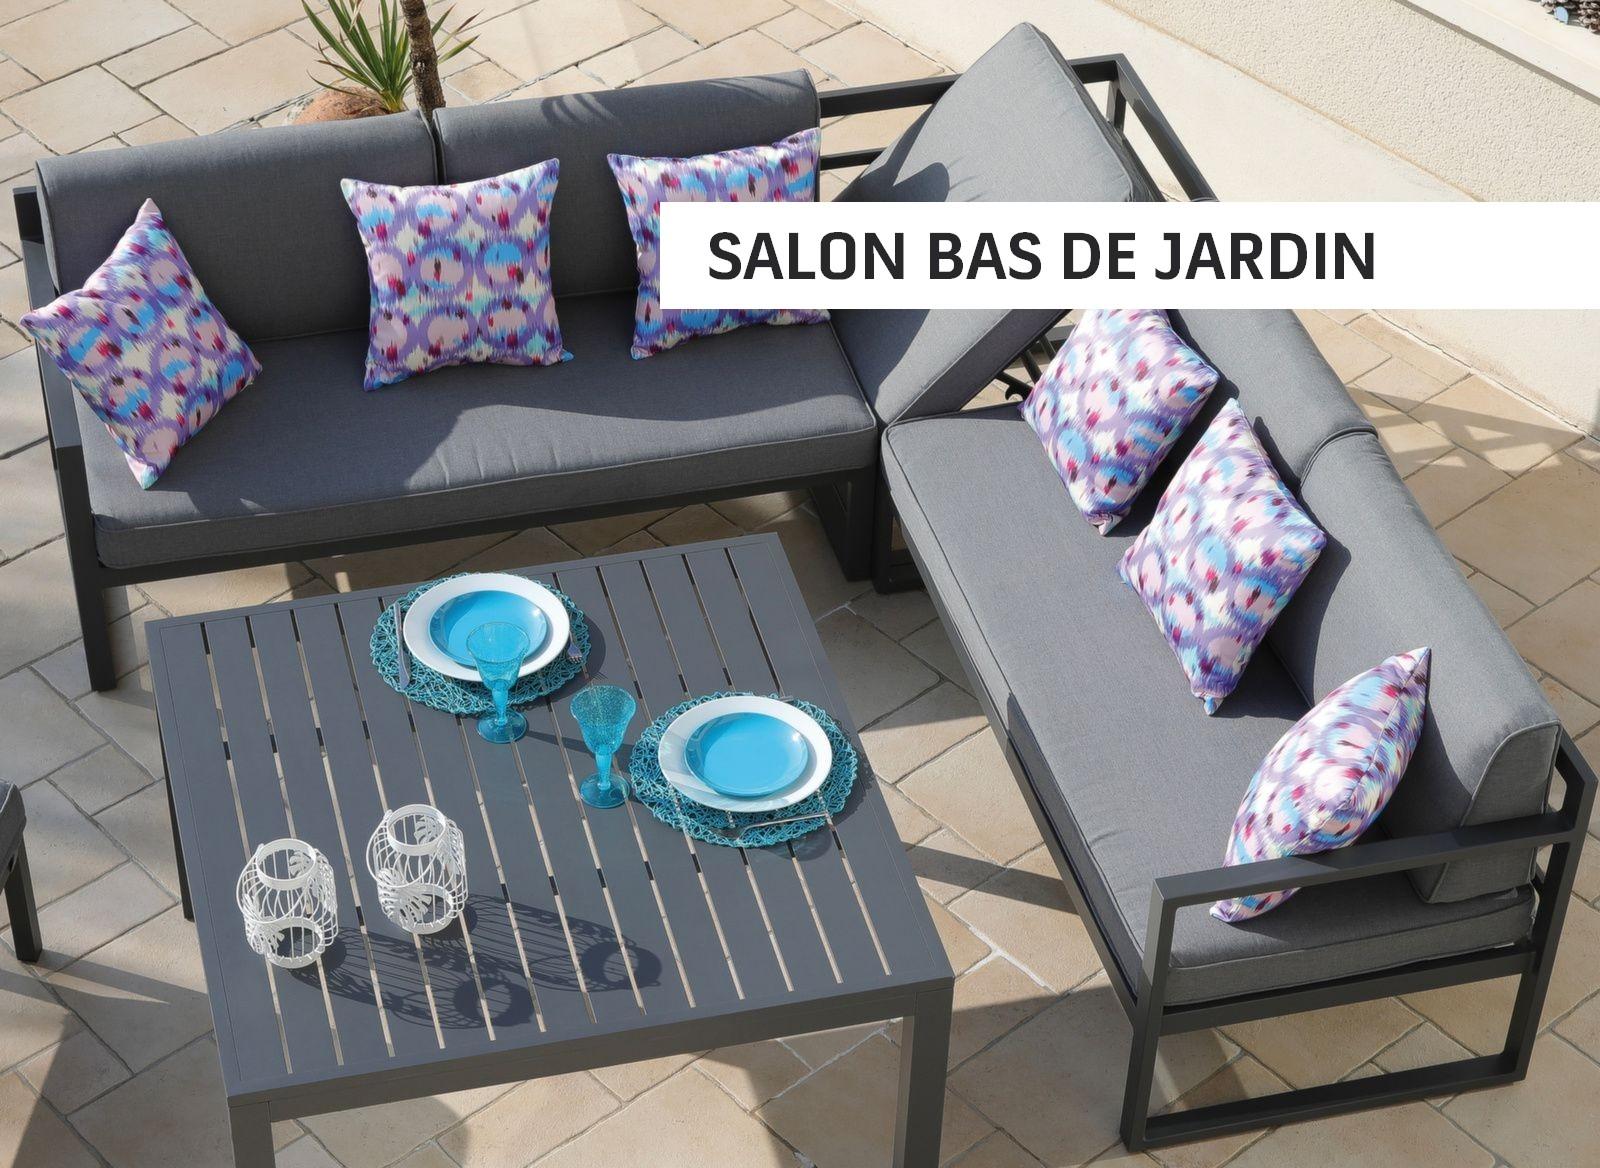 DRIVE SALON BAS DE JARDIN